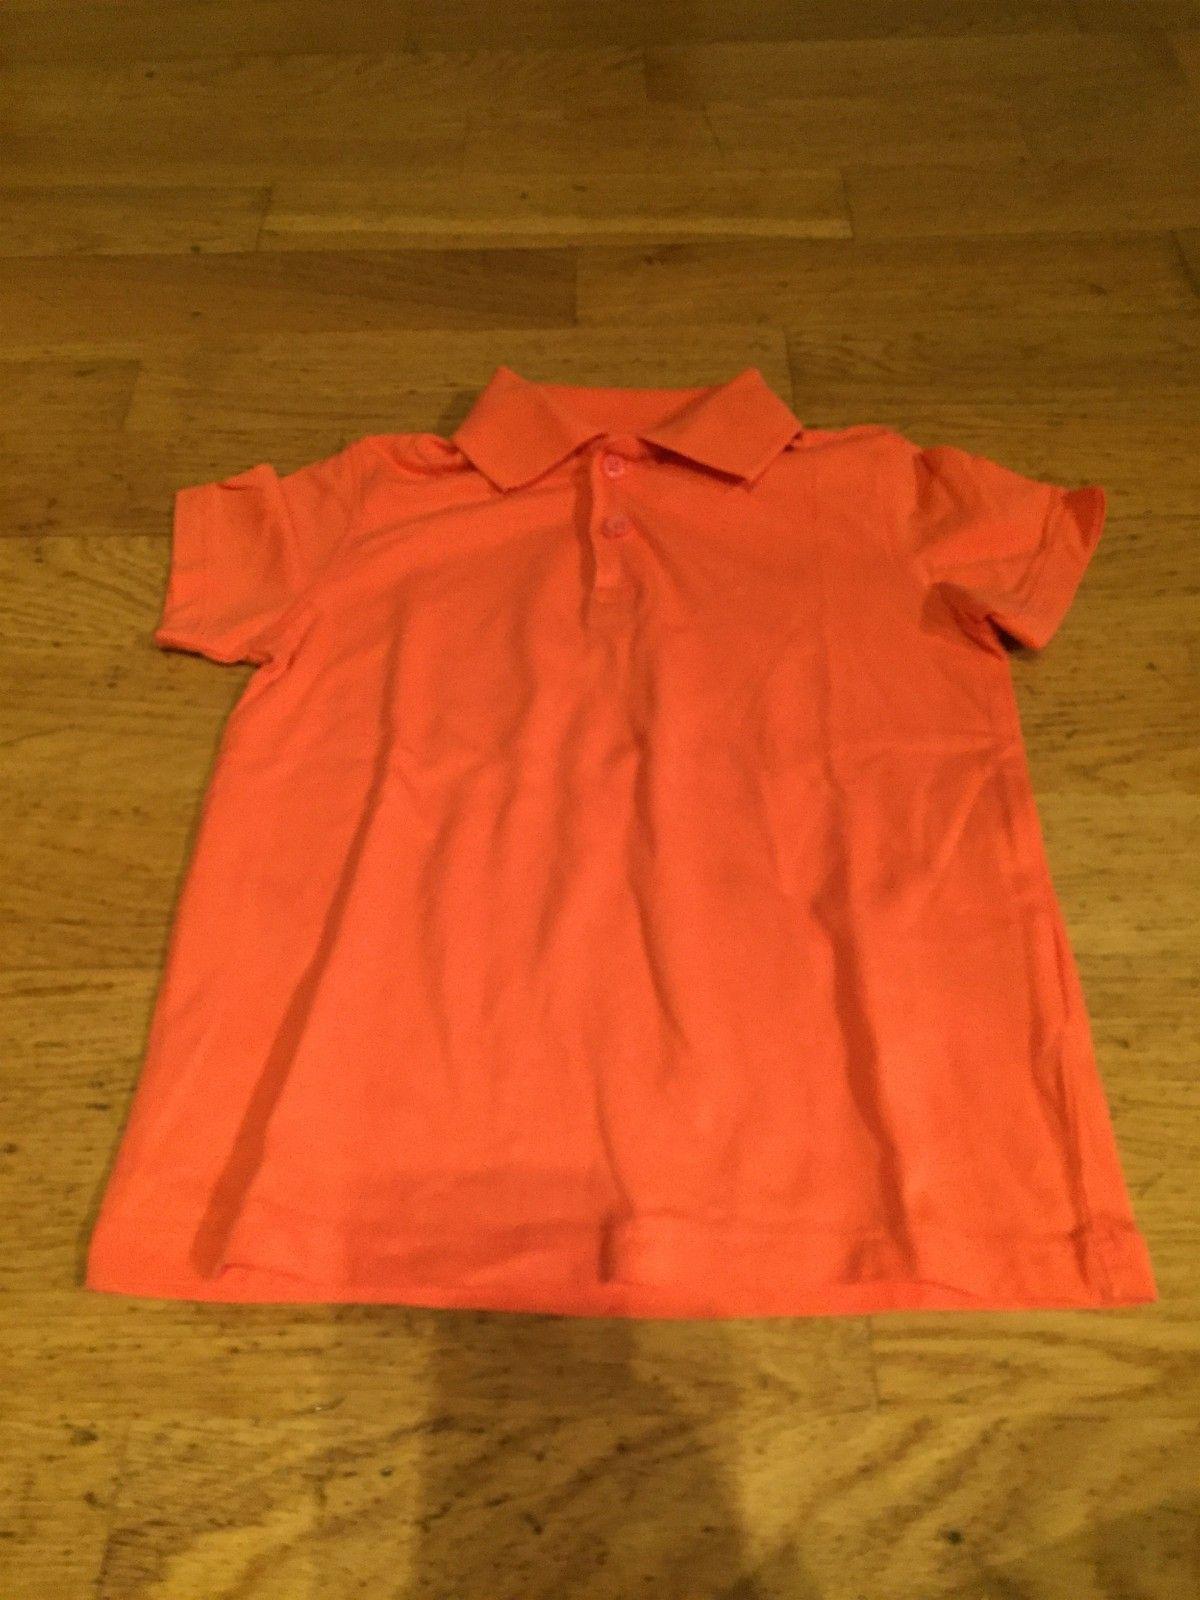 Diverse Klær - Oslo  - Diverse klær til diverse priser. Pris kan diskuteres.   Alle t-skjorter til 30 kr per stk  Jakkene 150kr per stk bukse til 30 kr - Oslo